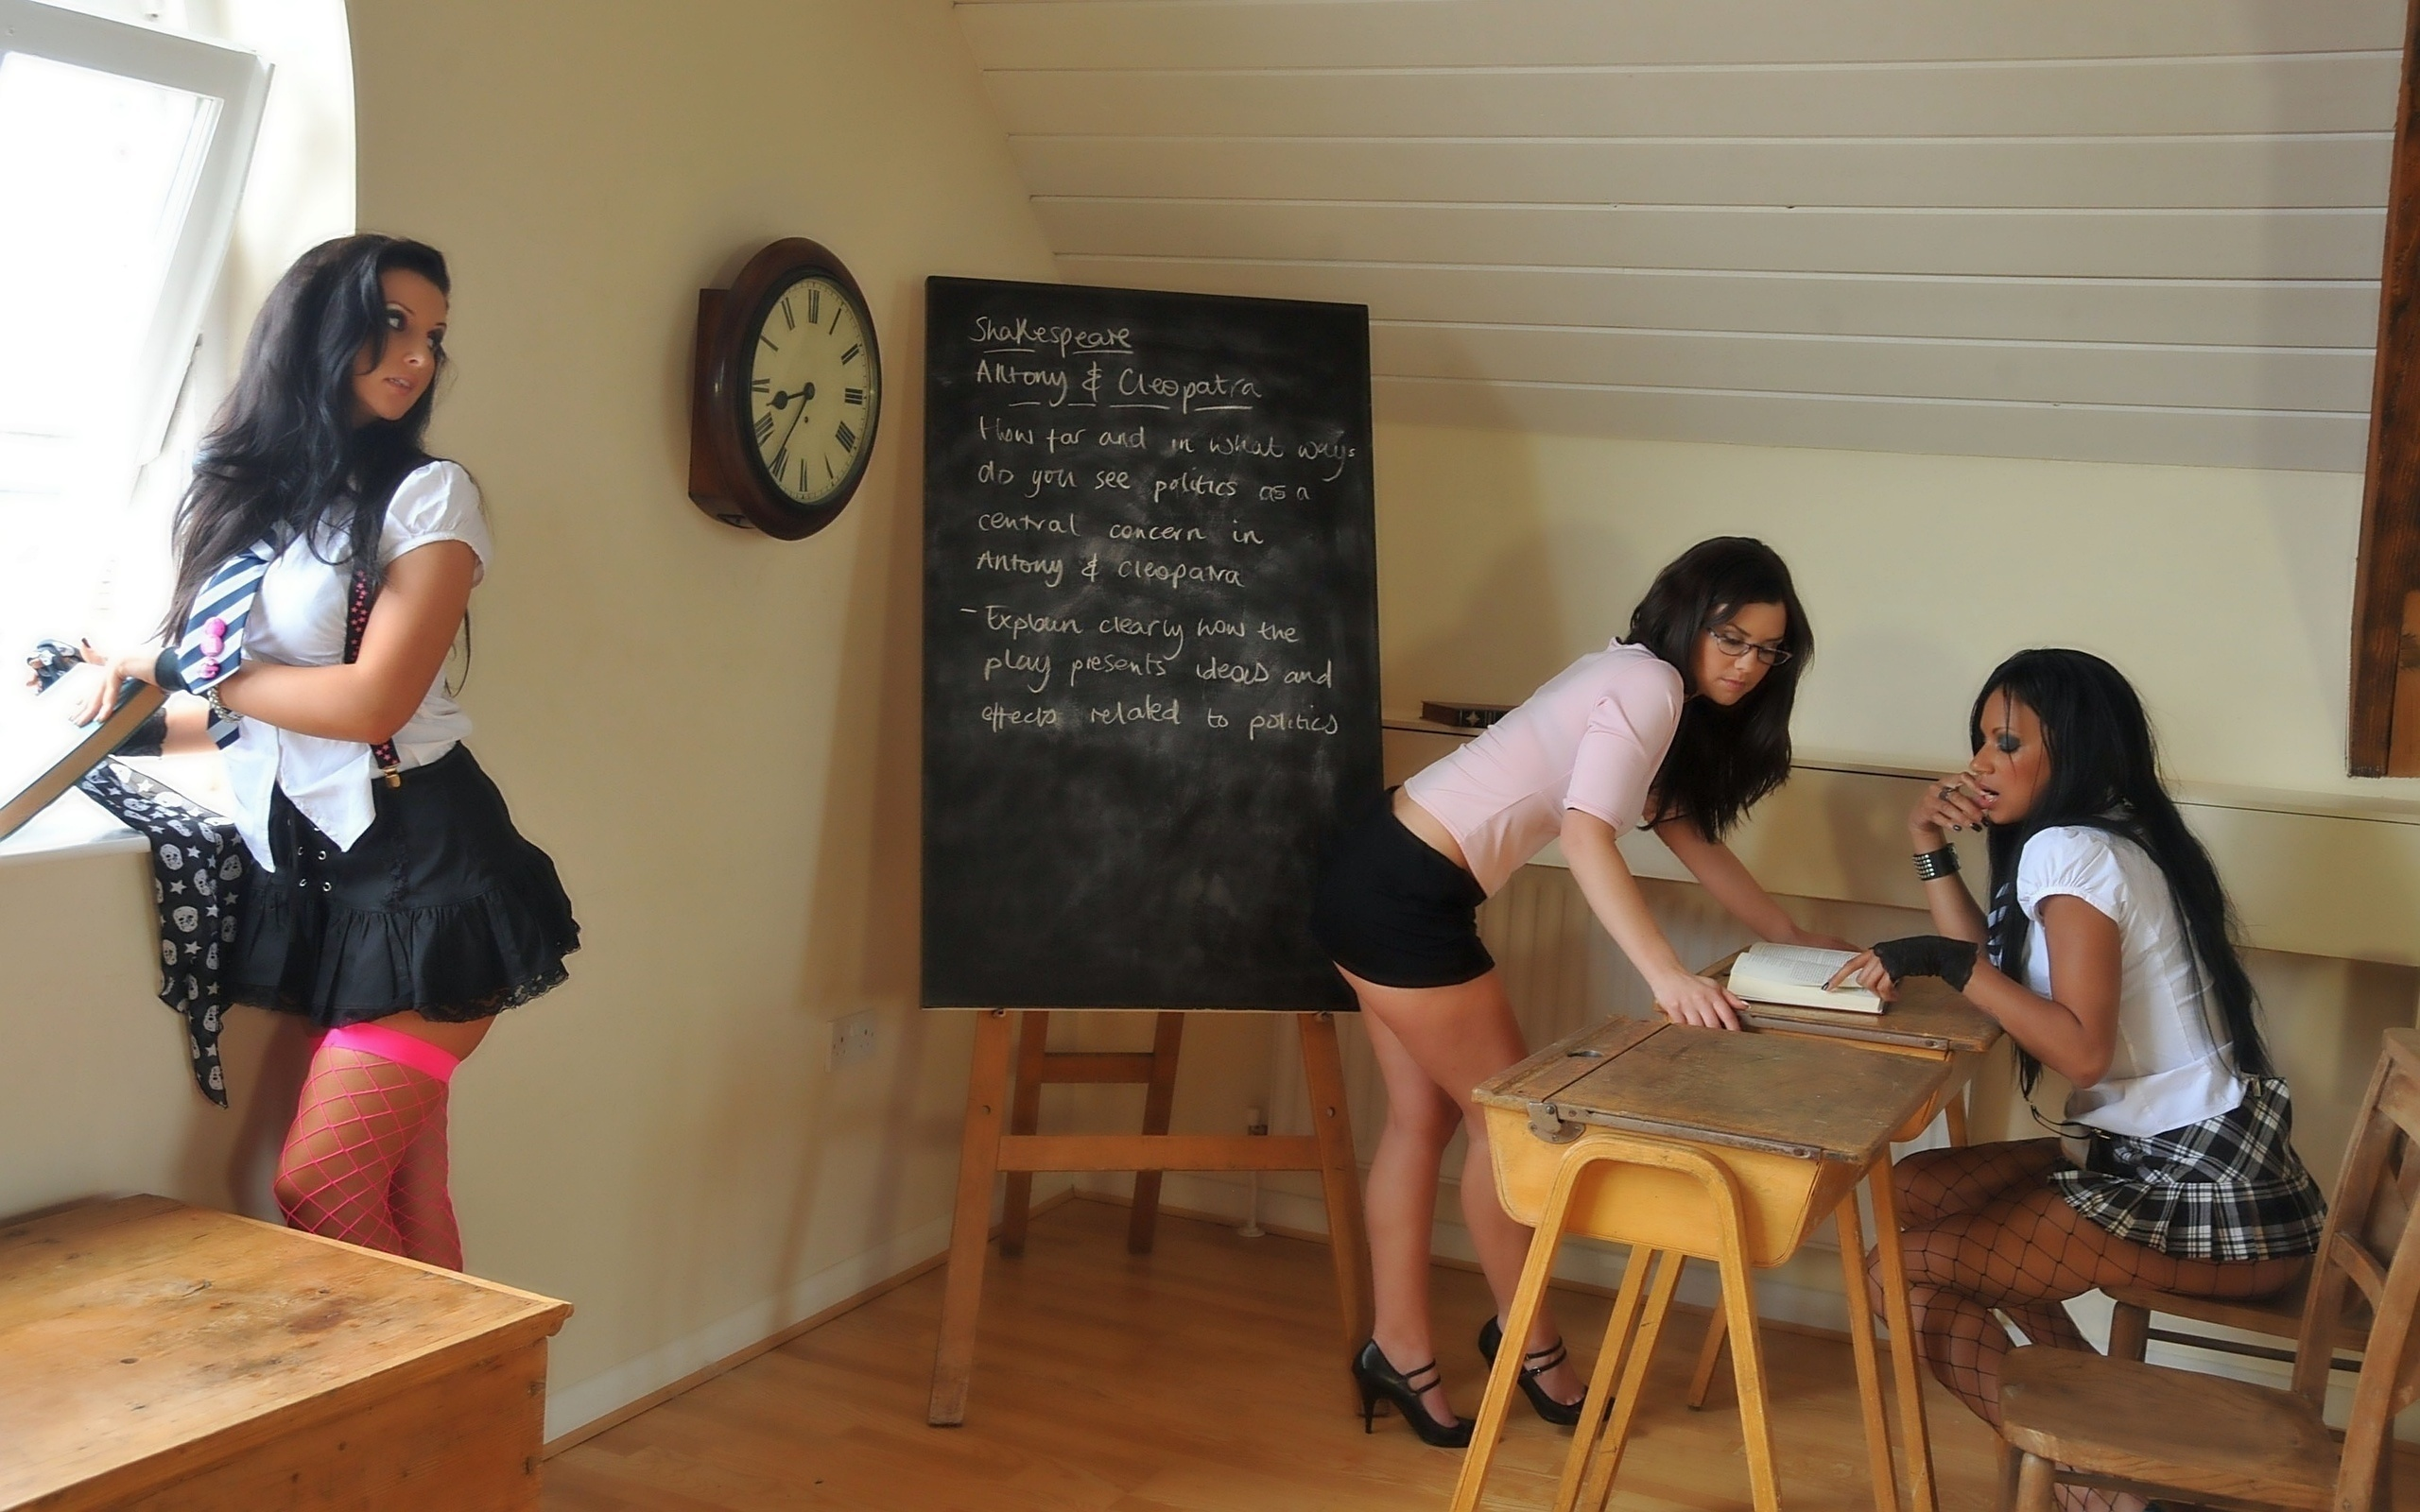 Ученицу имеют на парте русское 2 фотография